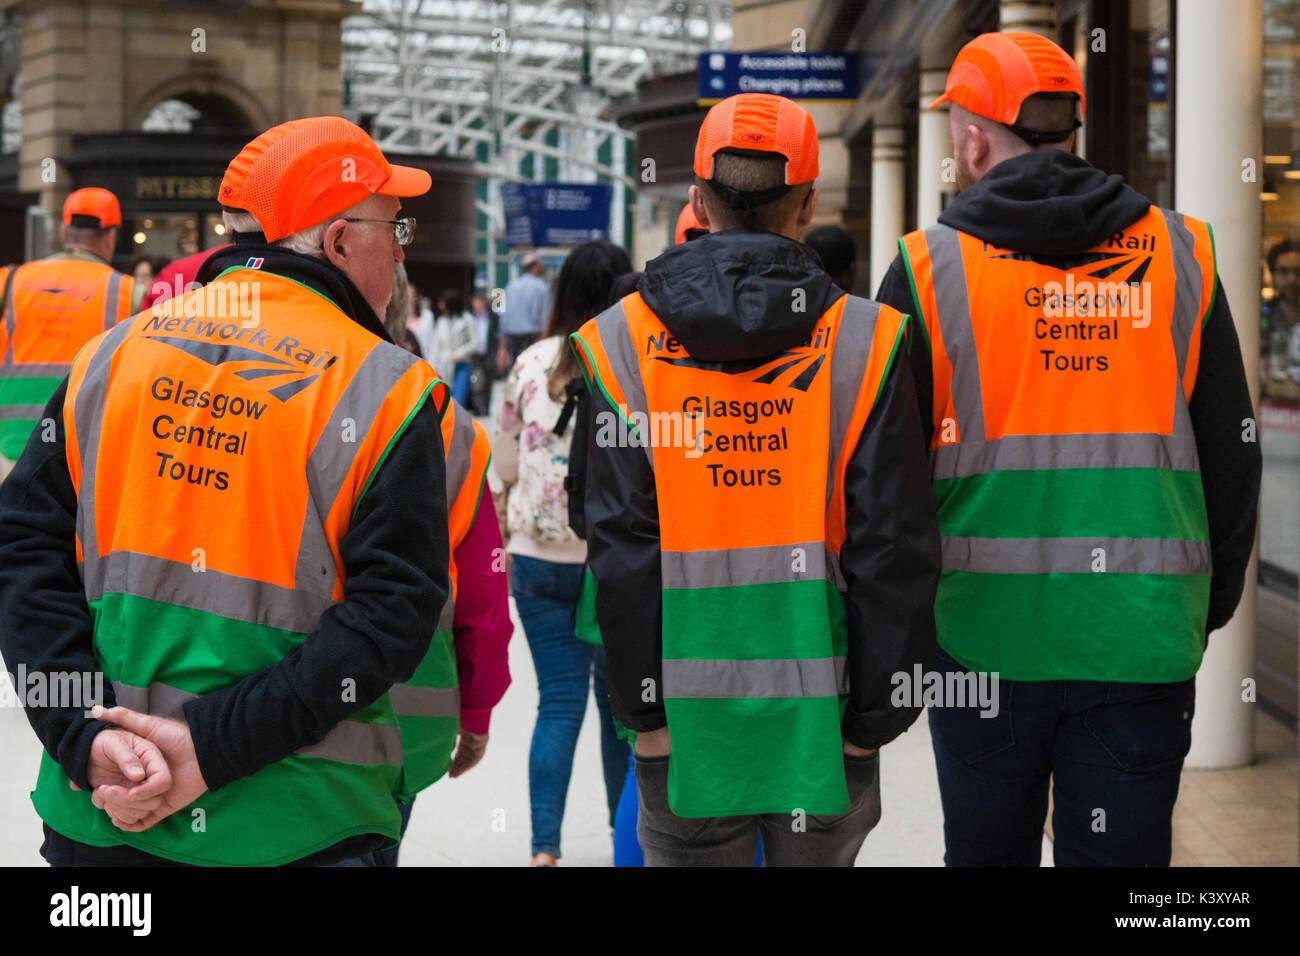 La Stazione Centrale di Glasgow tour - persone all'inizio del tour Immagini Stock